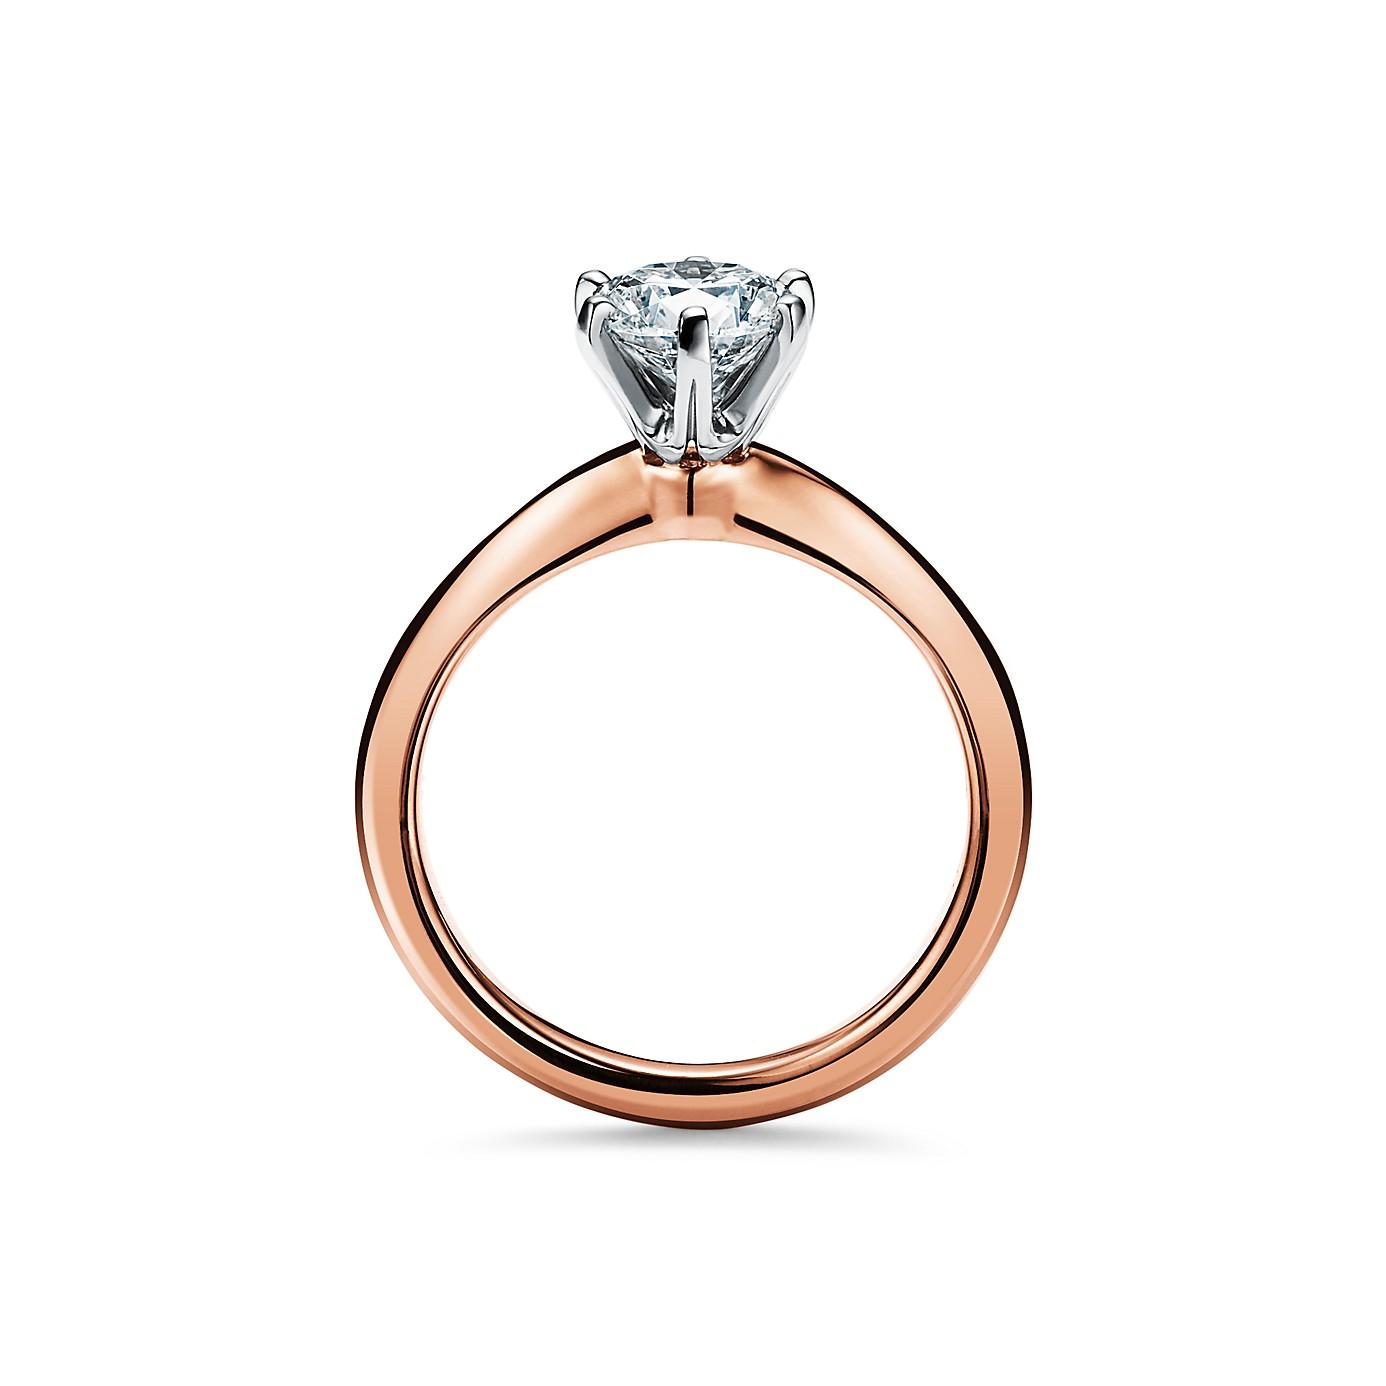 ティファニー セッティング エンゲージメント リング(2)―Tiffany & Co.(ティファニー)